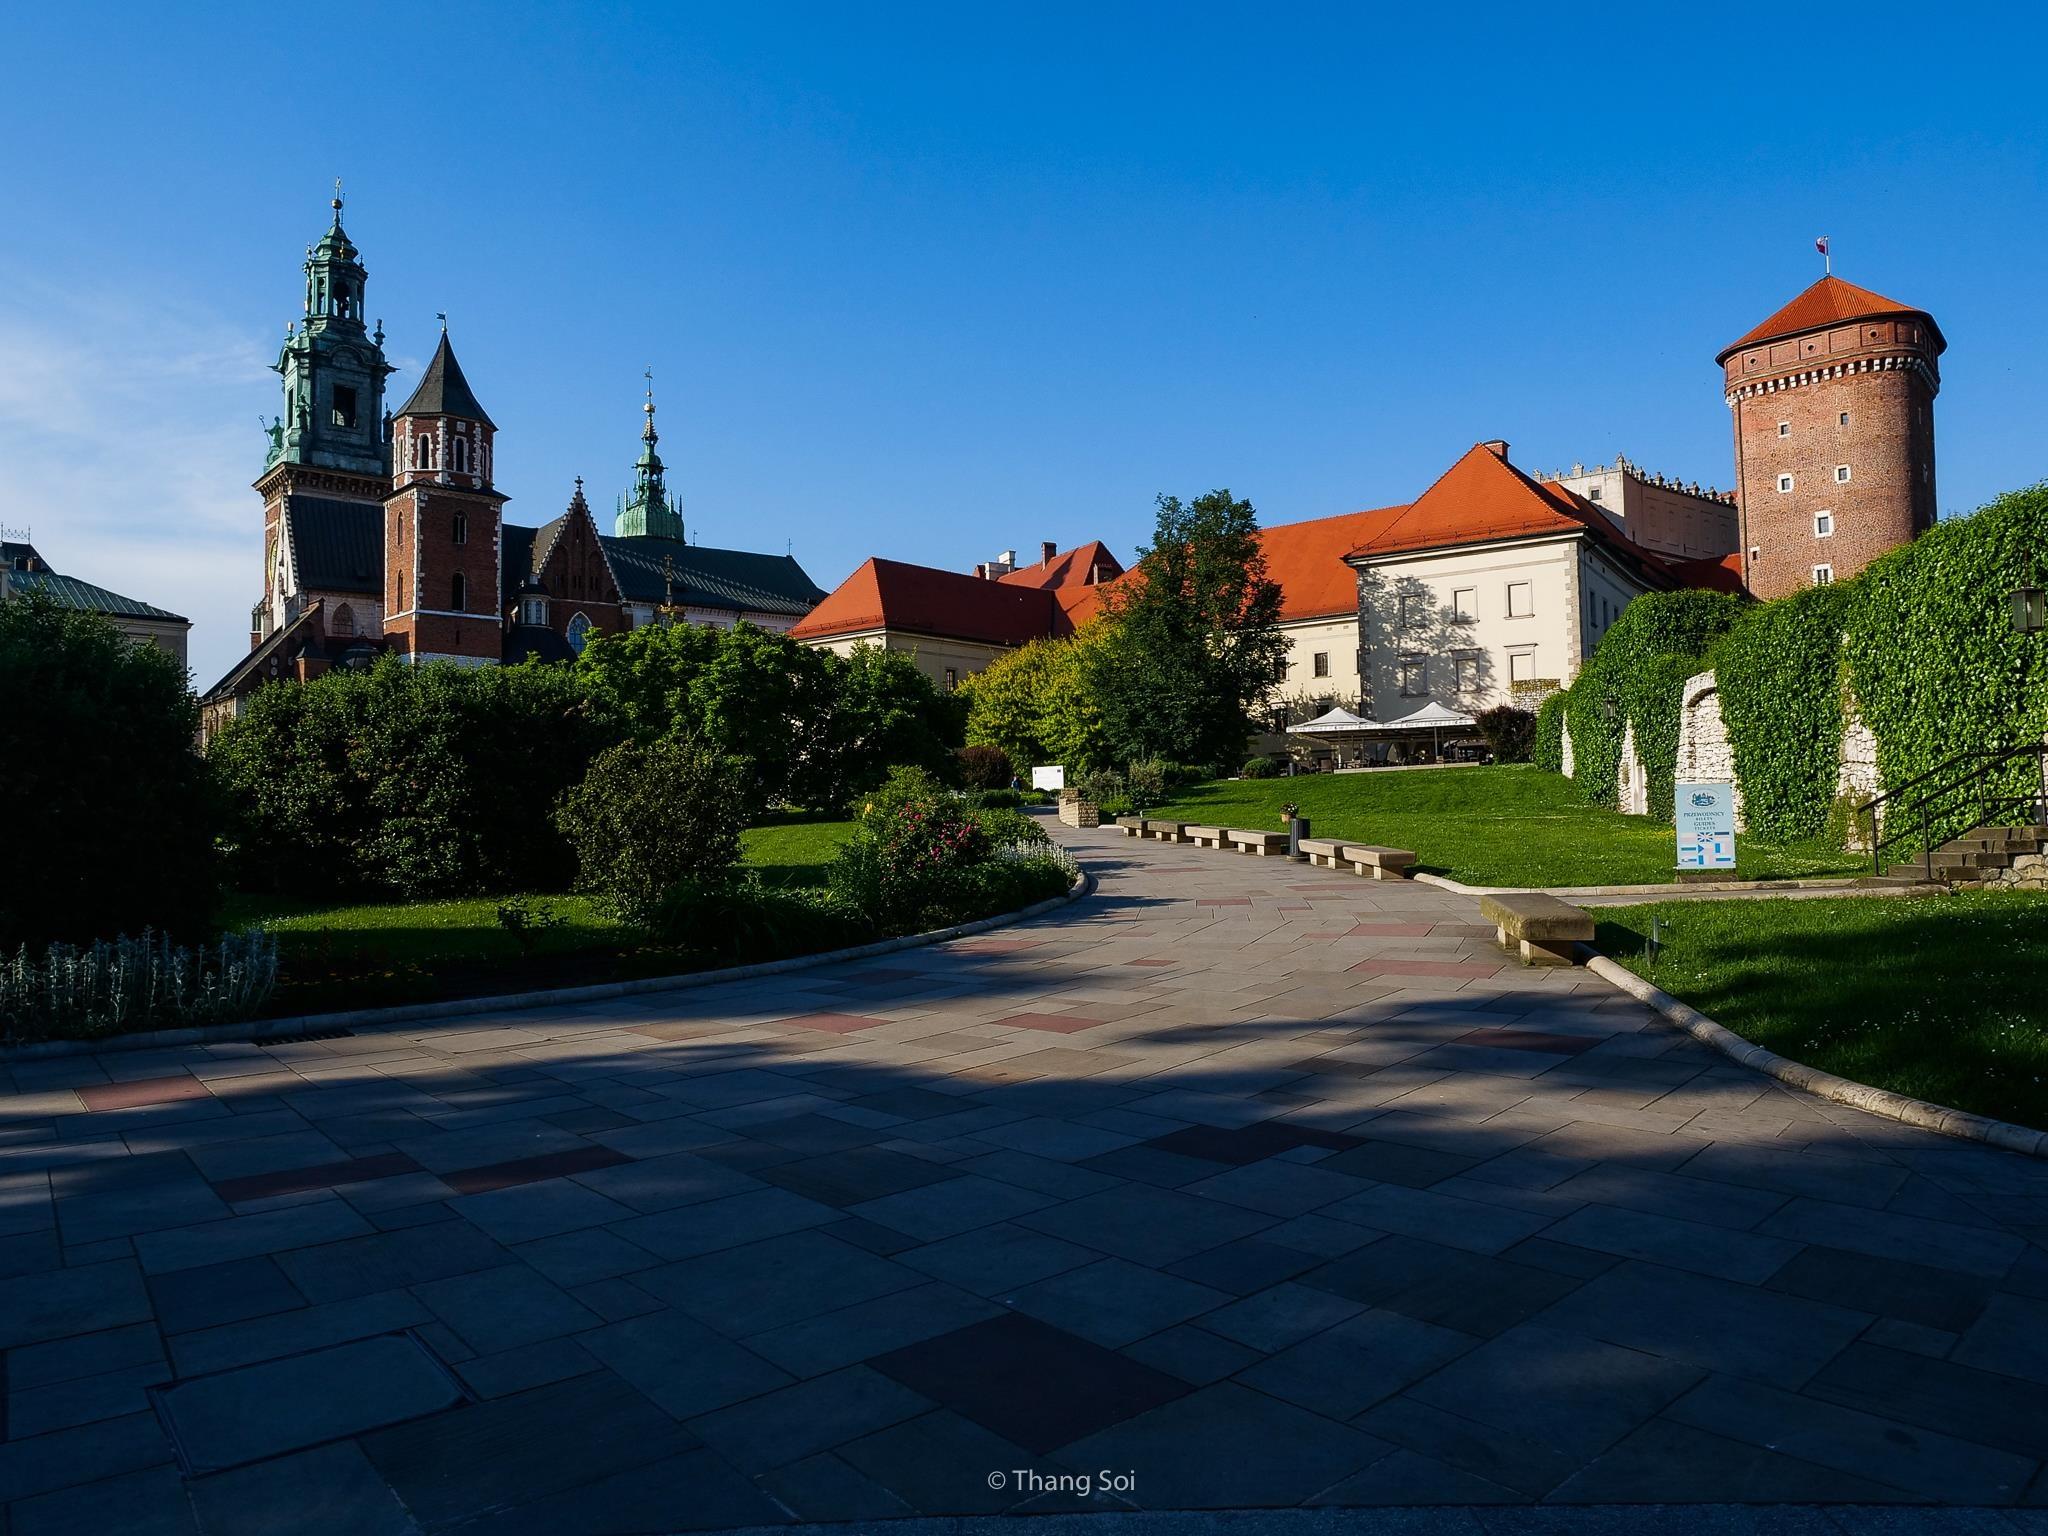 Krakow, kinh do co phai ghe tham khi den Ba Lan hinh anh 53